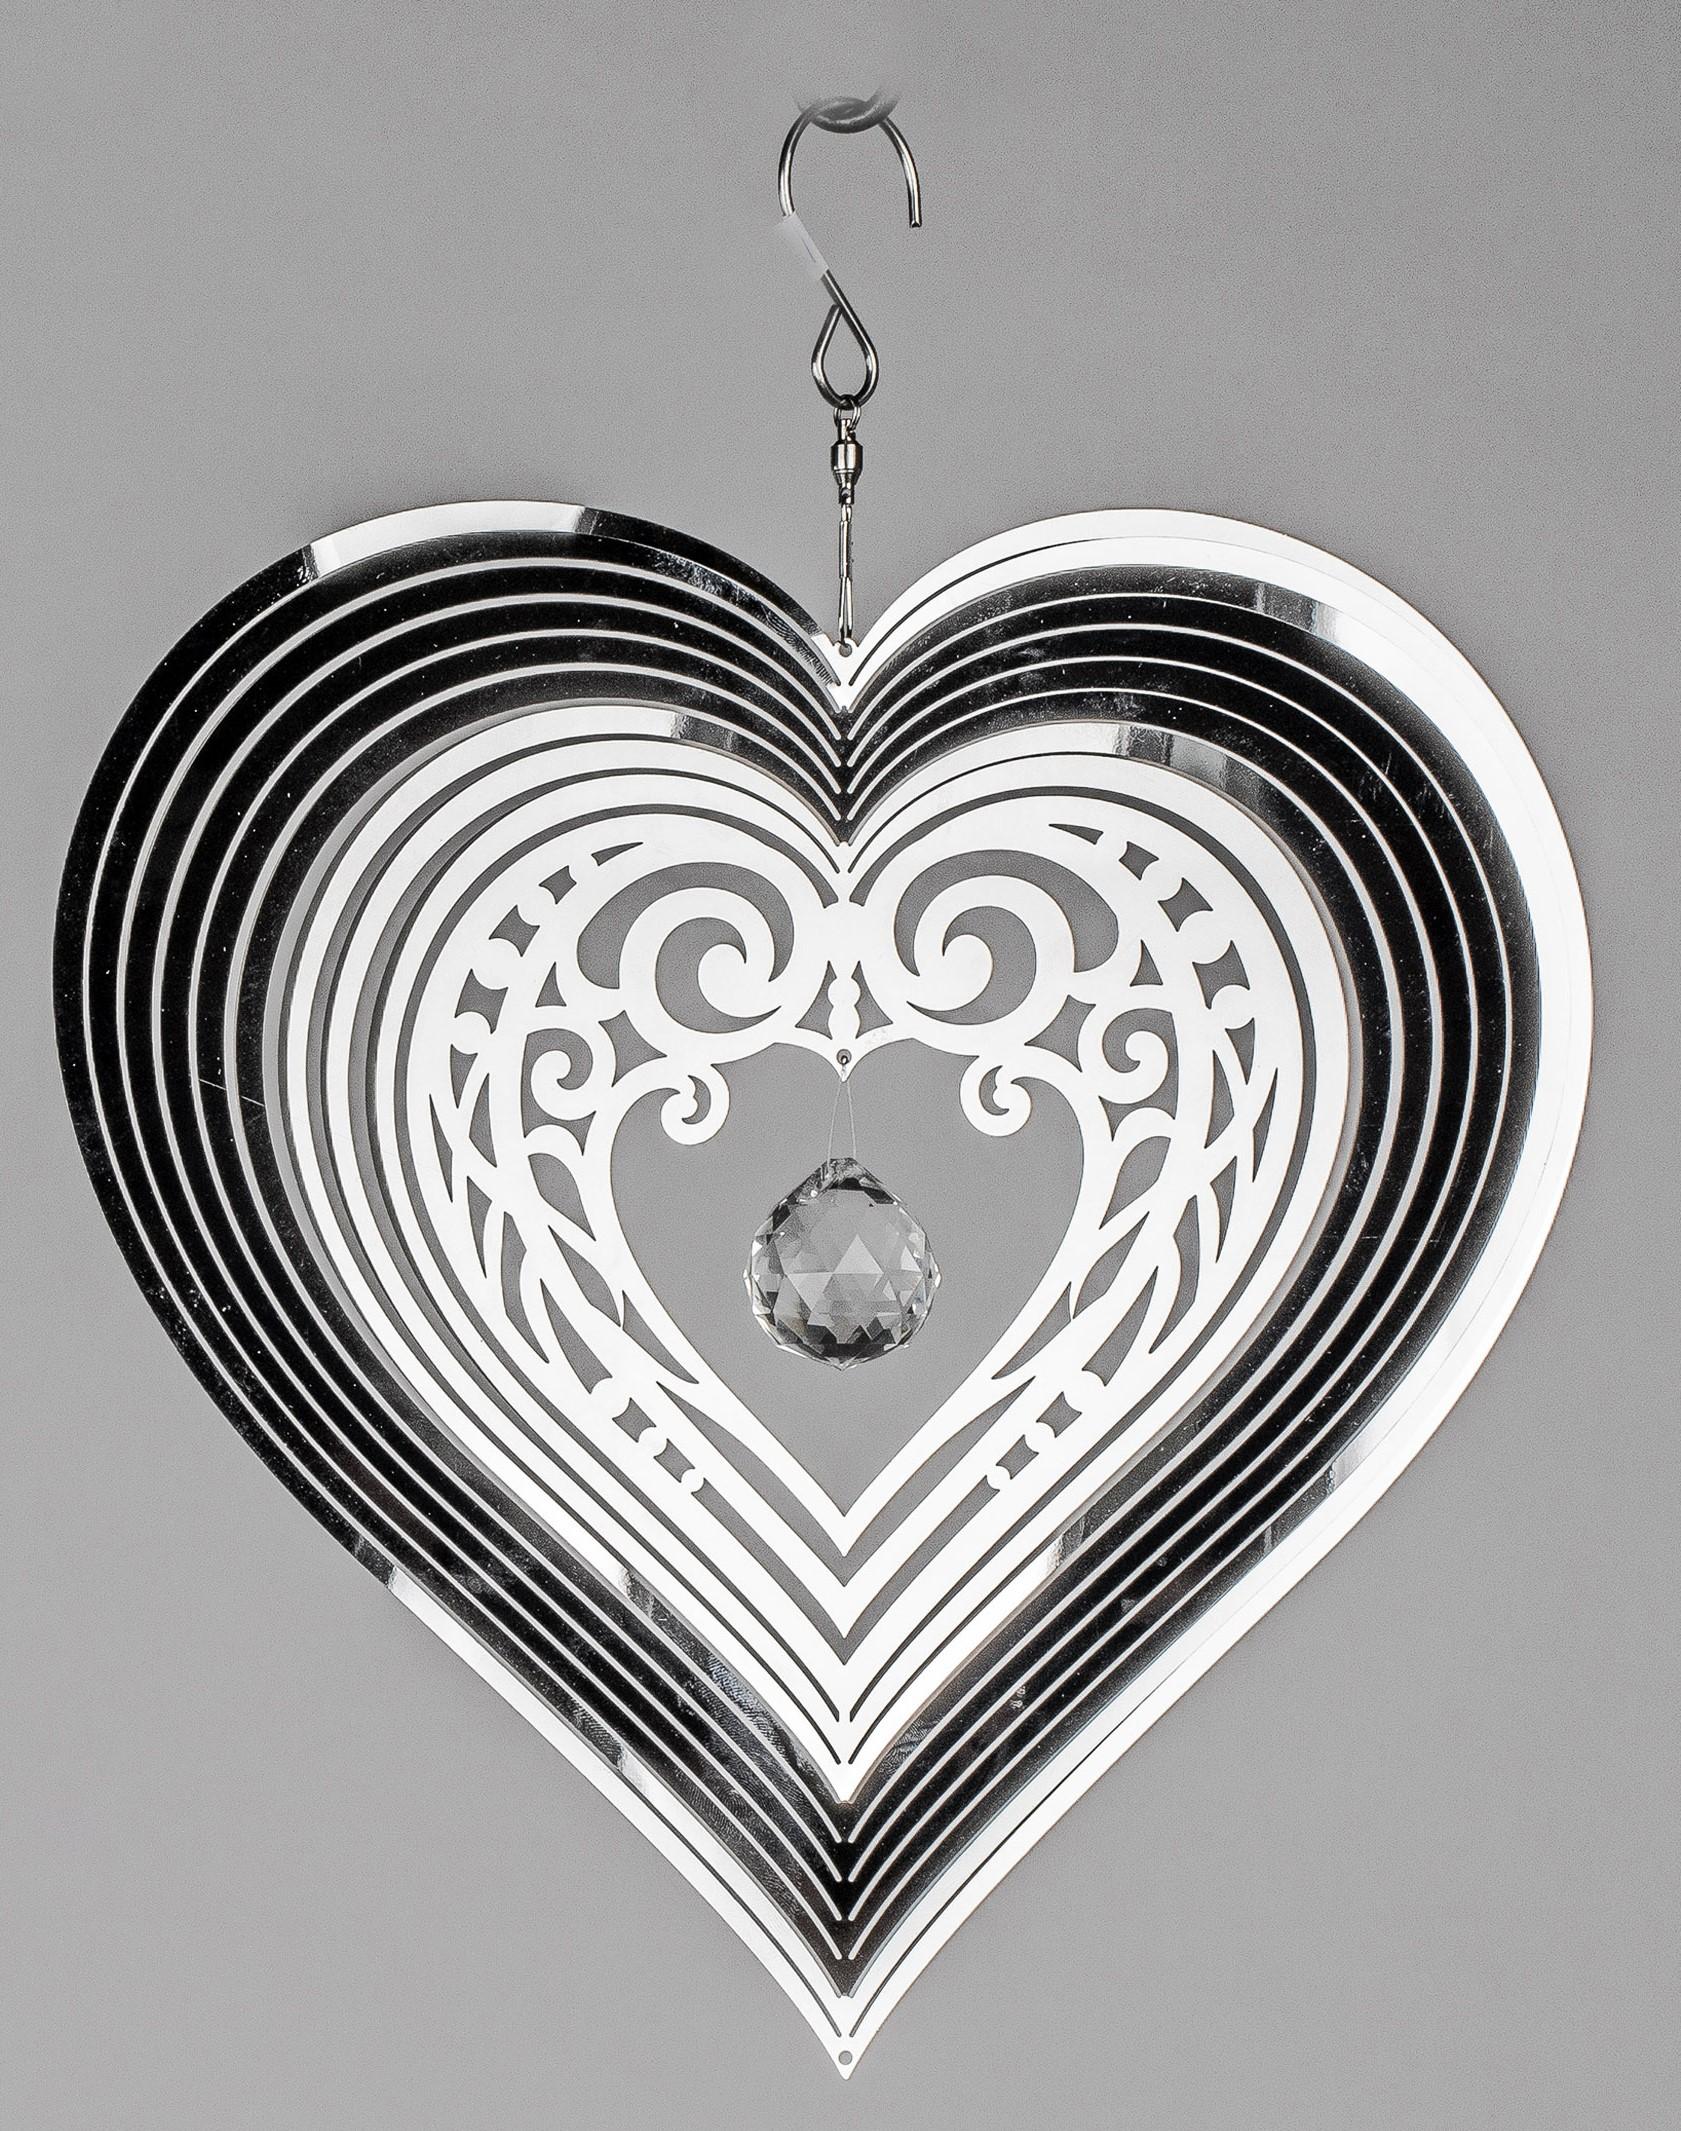 Deko Hänger Herz LANDHAUS D 16cm weiß grau Metall Formano WA